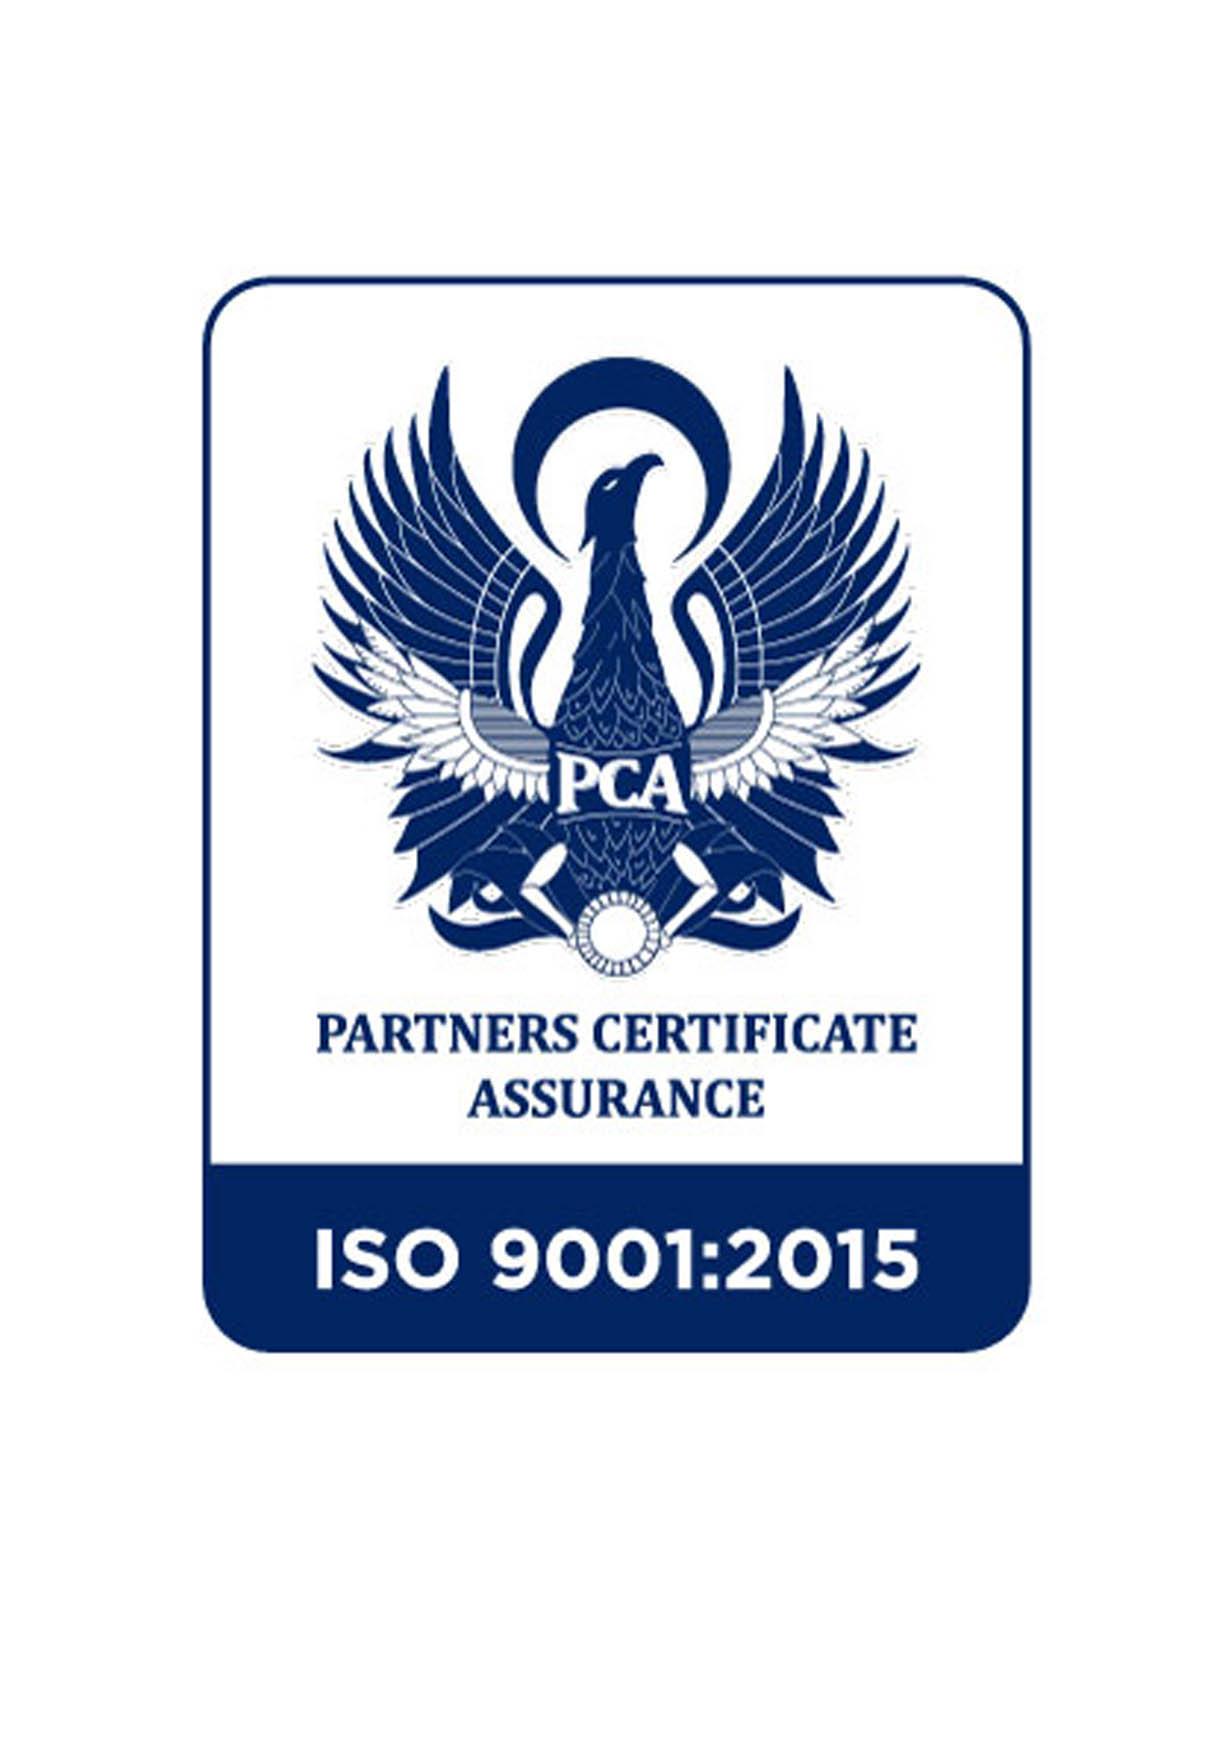 IAS-LOGO-9001_2015